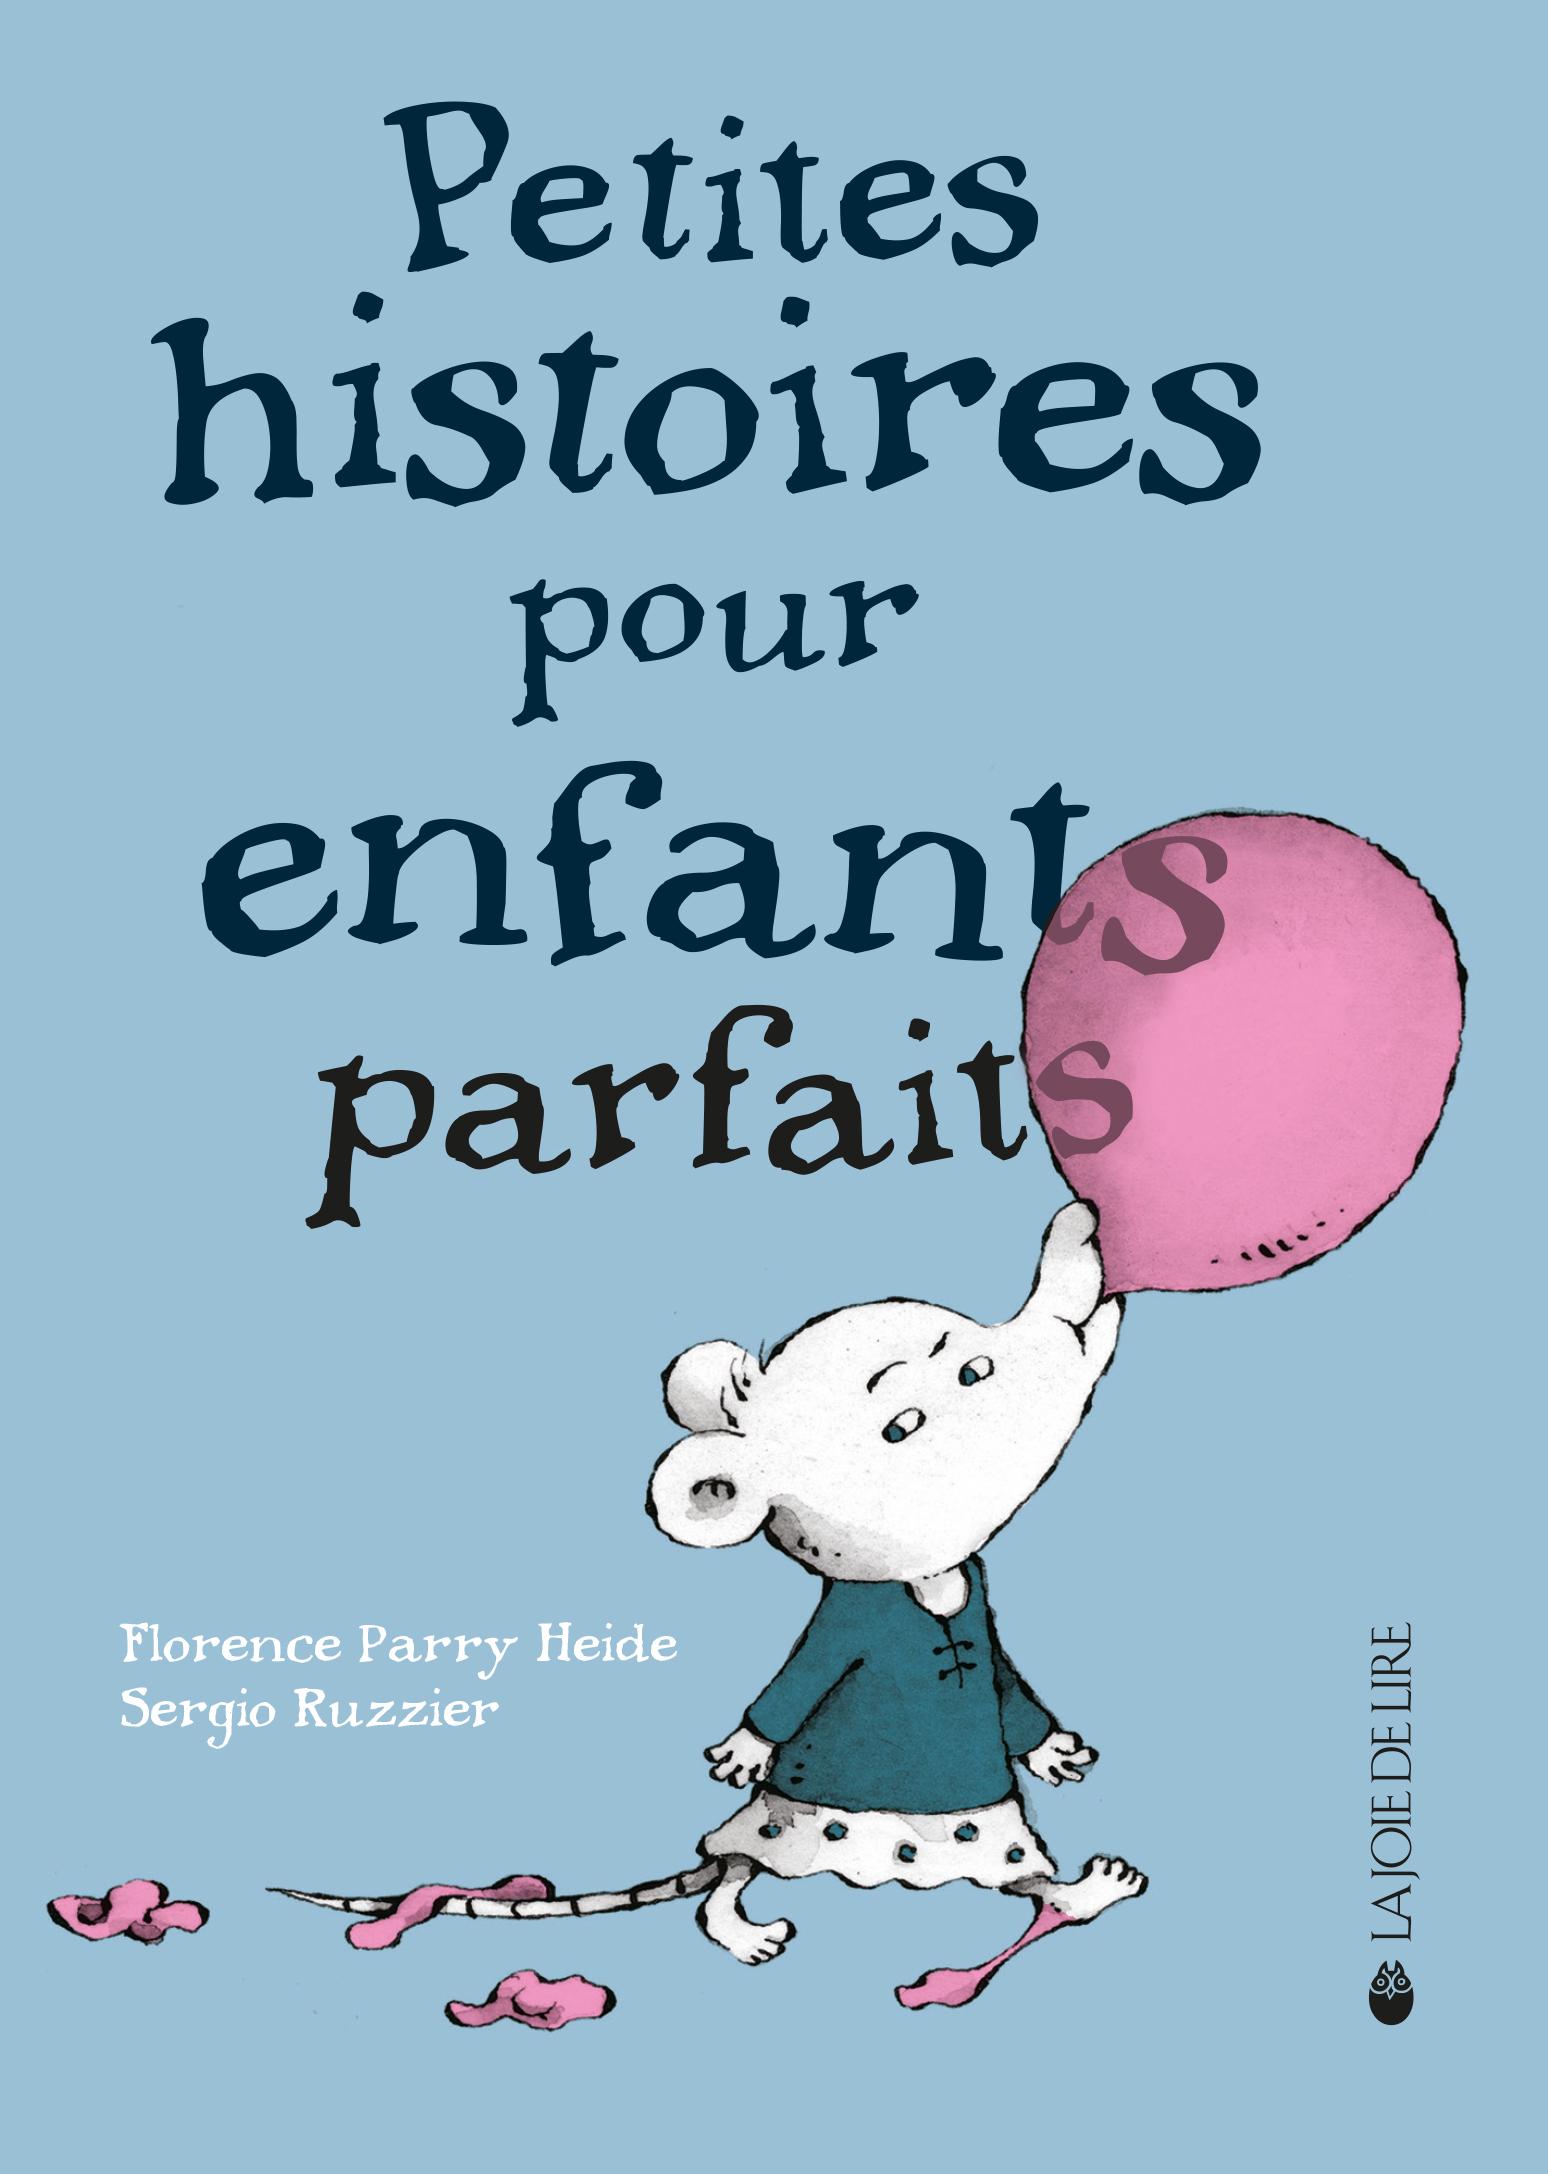 Petites parfaits pour histoires pour Petites histoires enfants zMqpGUSV